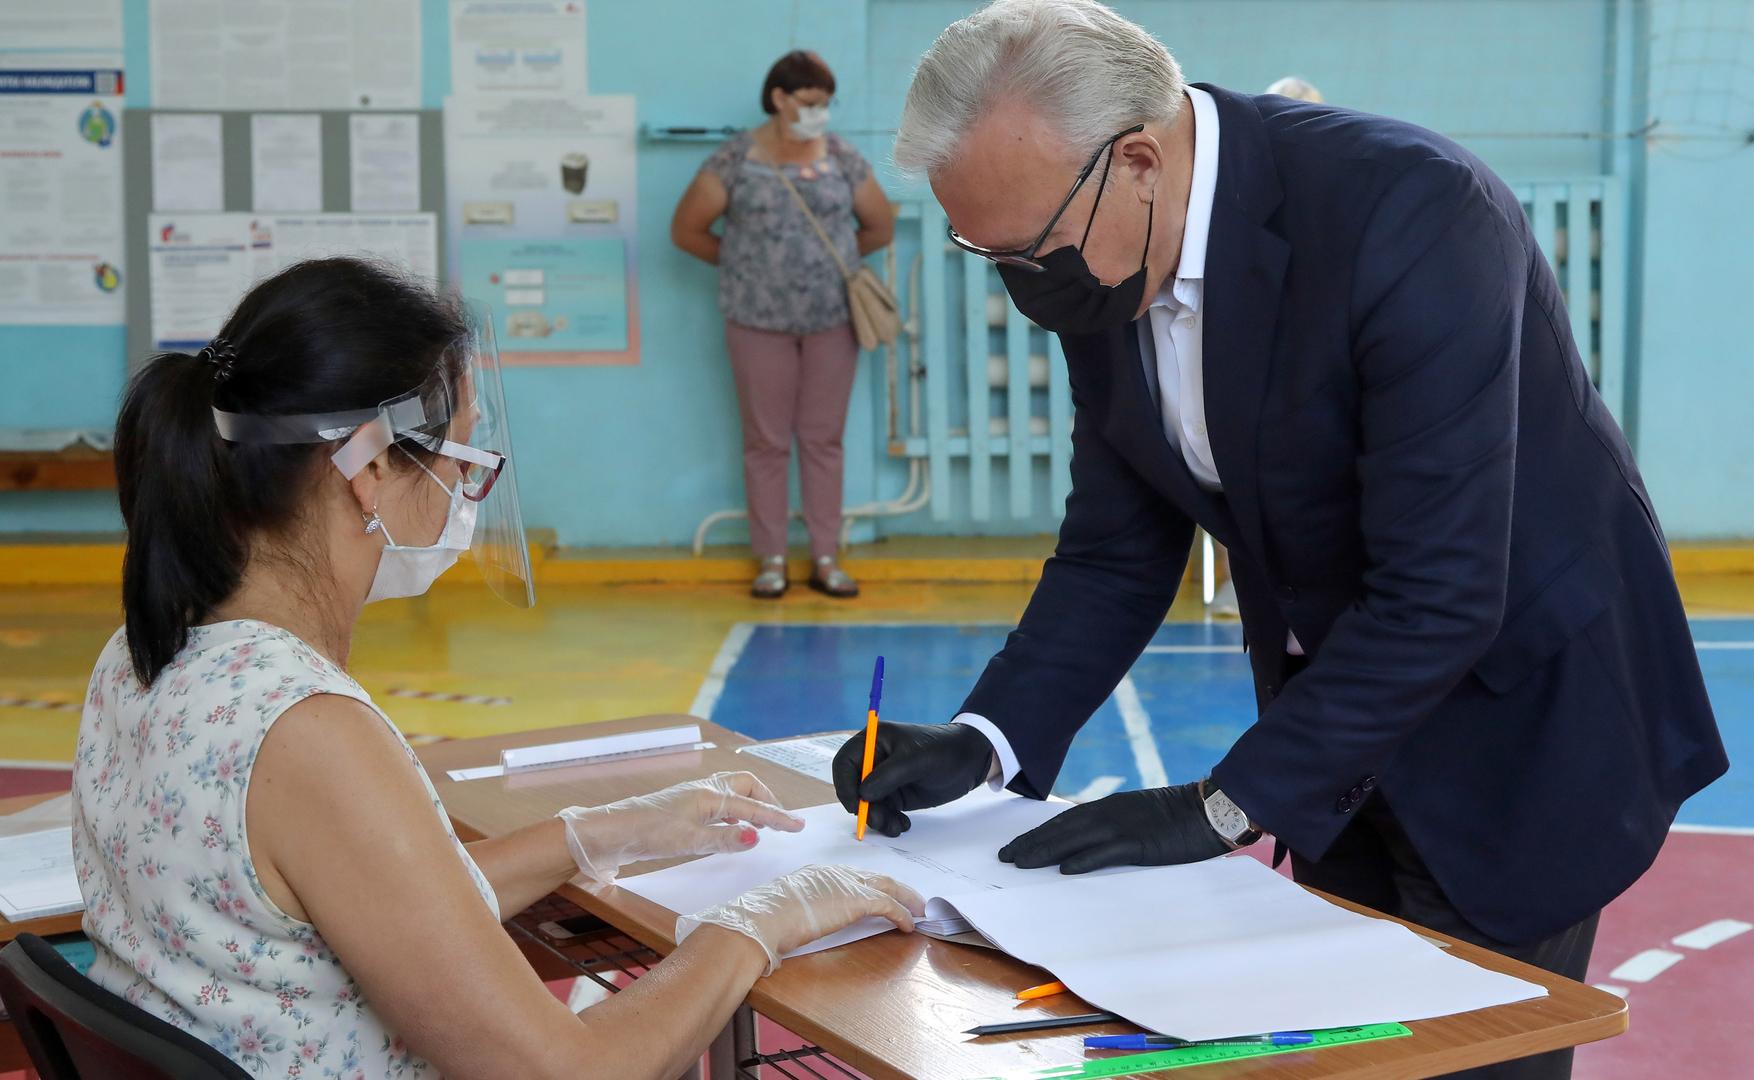 Сегодня стартовало общероссийское голосование по поправкам в Конституцию РФ